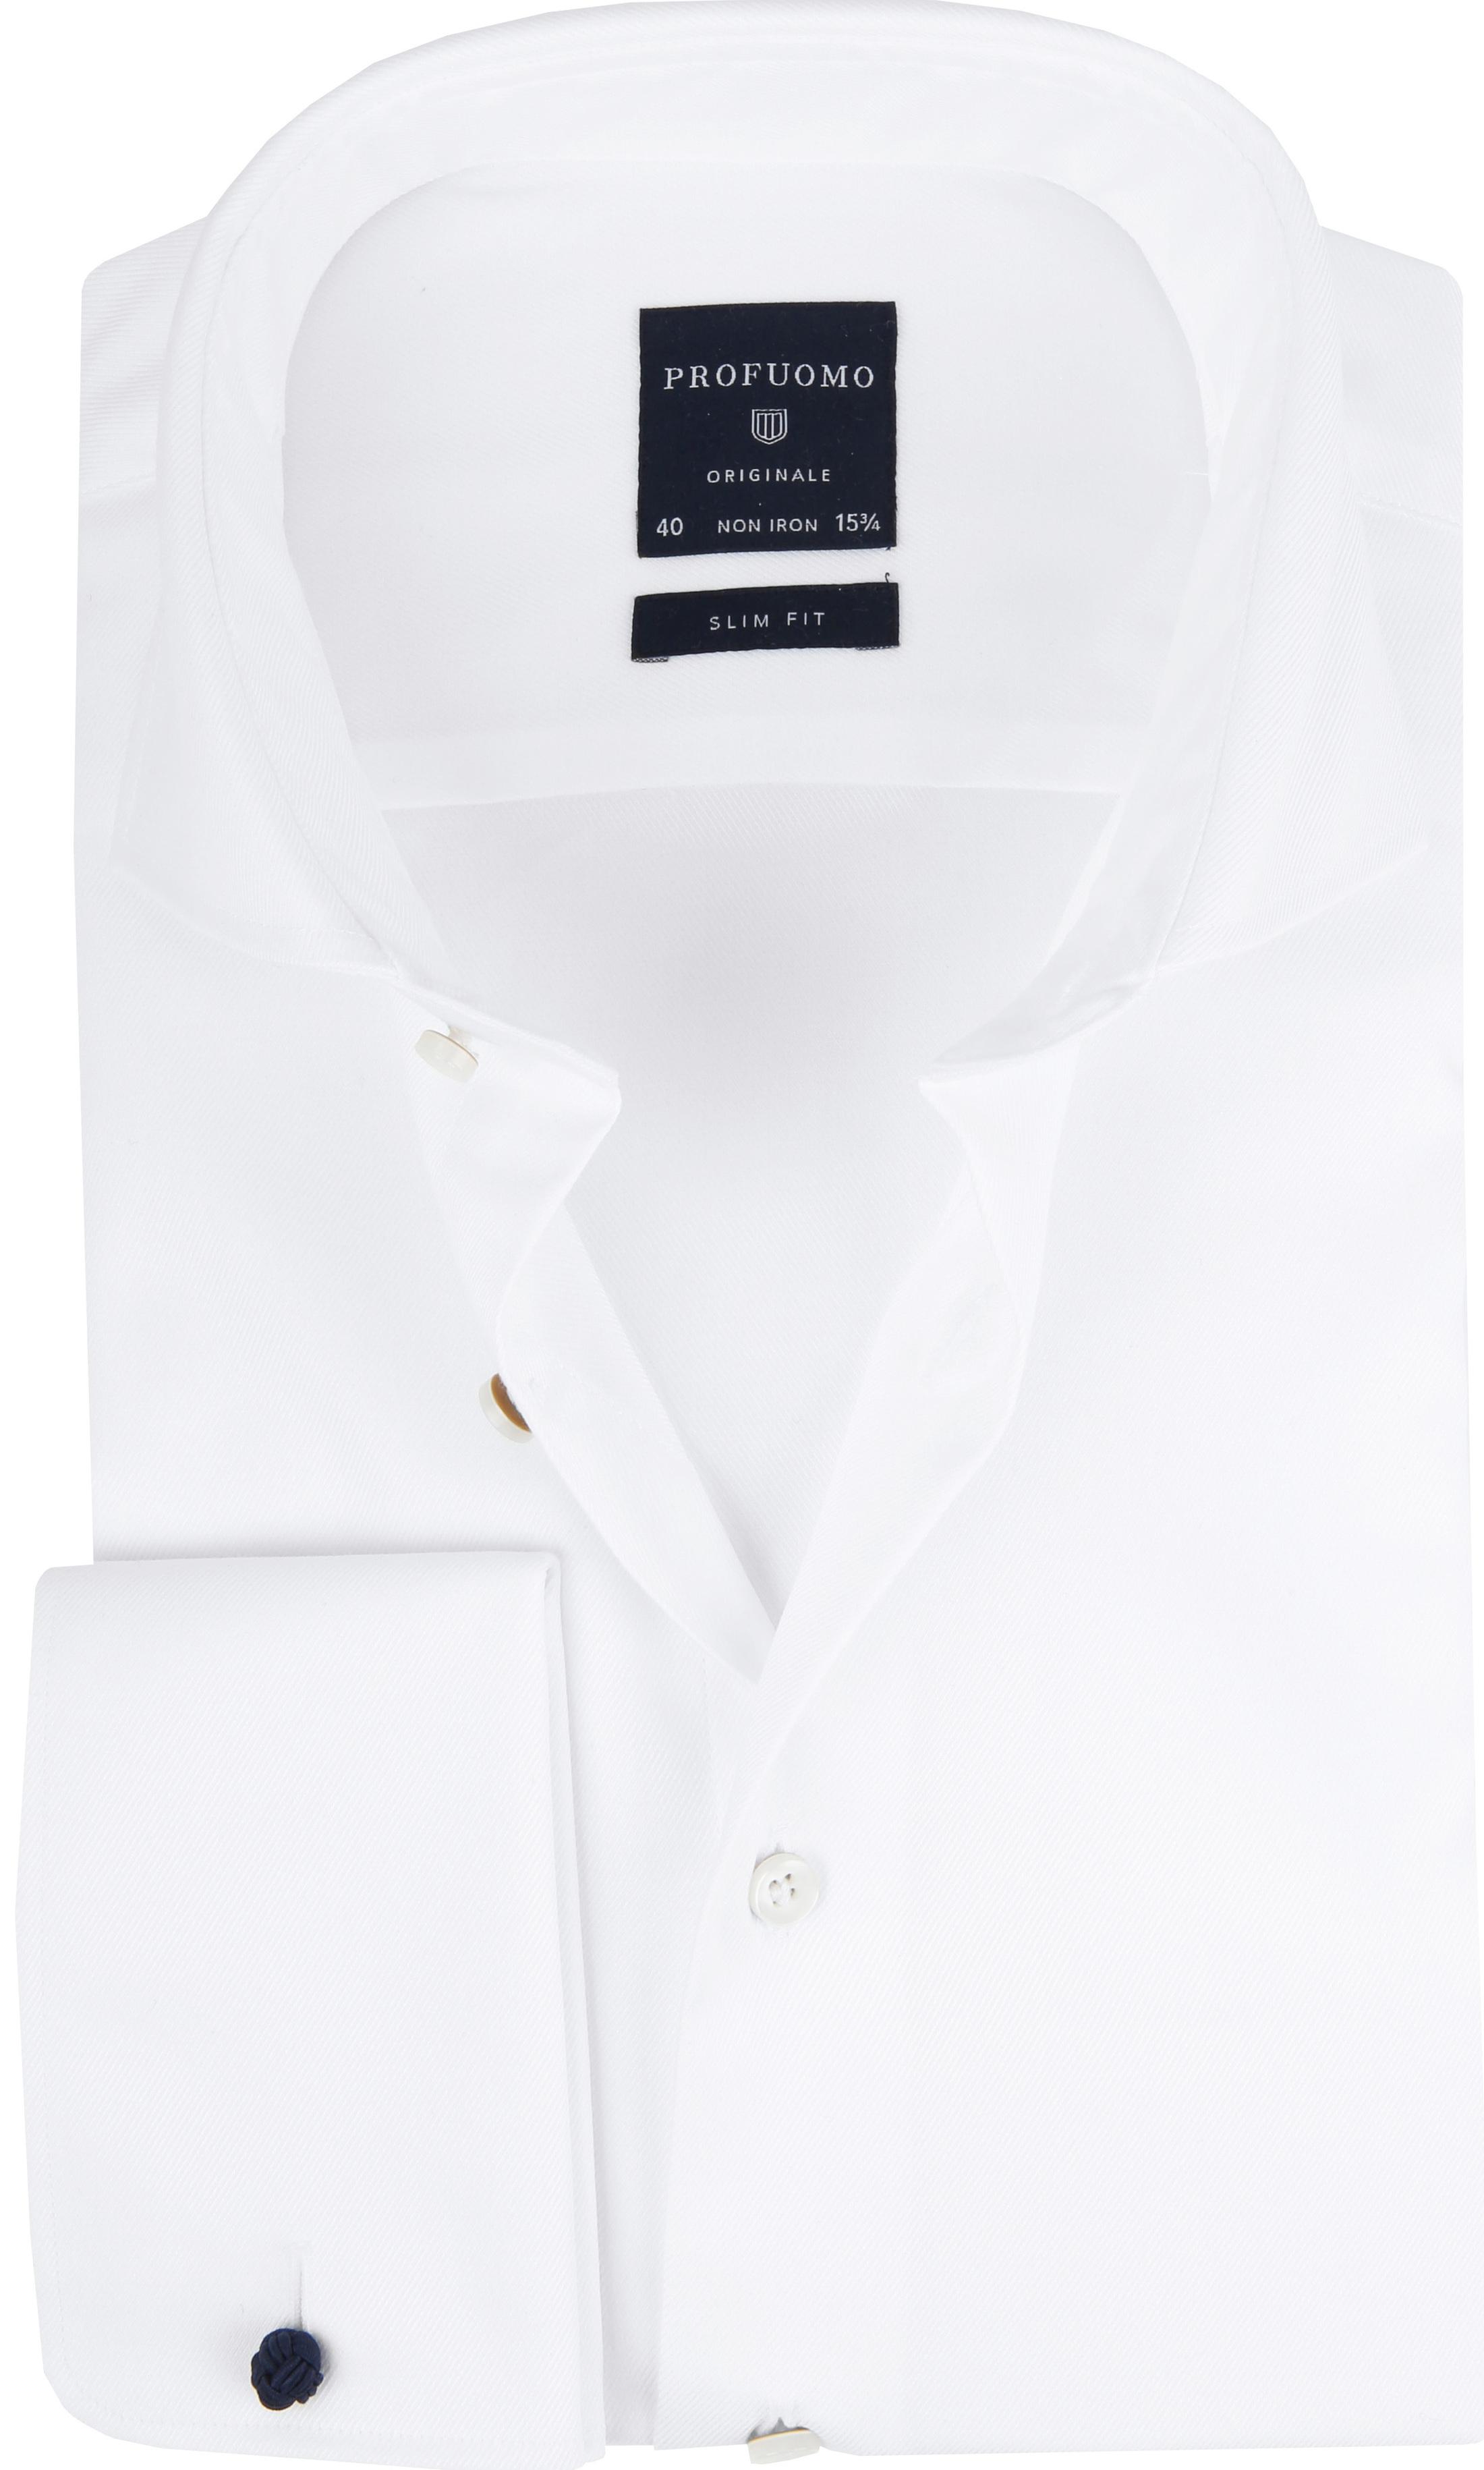 Profuomo Shirt Cutaway Doppel Manschette Weiß foto 0